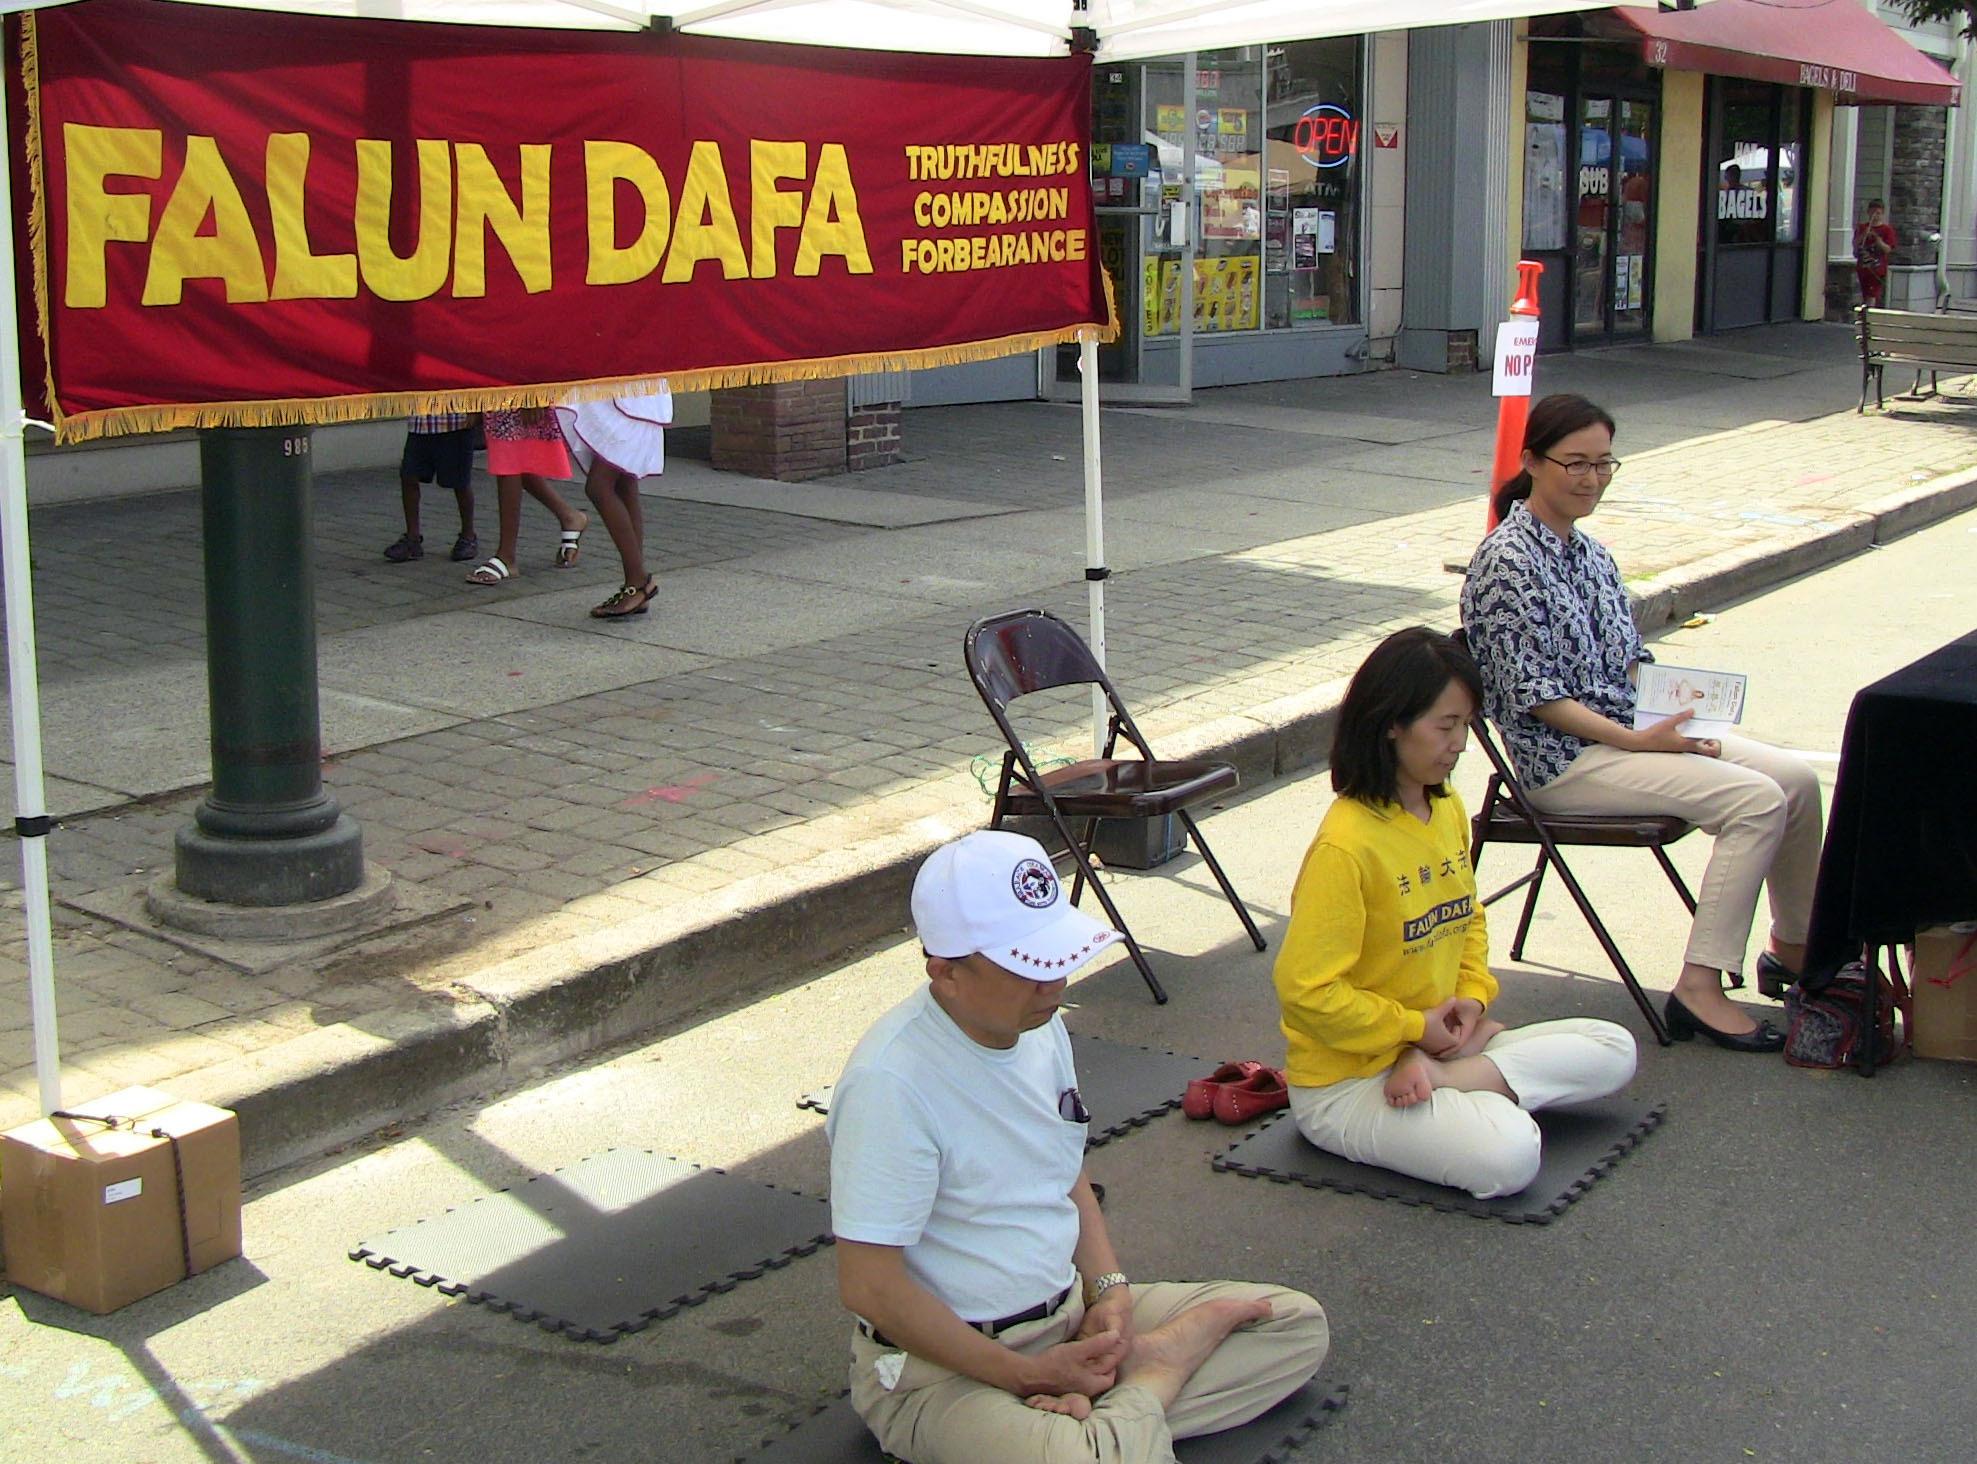 0407643b24f48a3721e4_Falun_Dafa.jpg